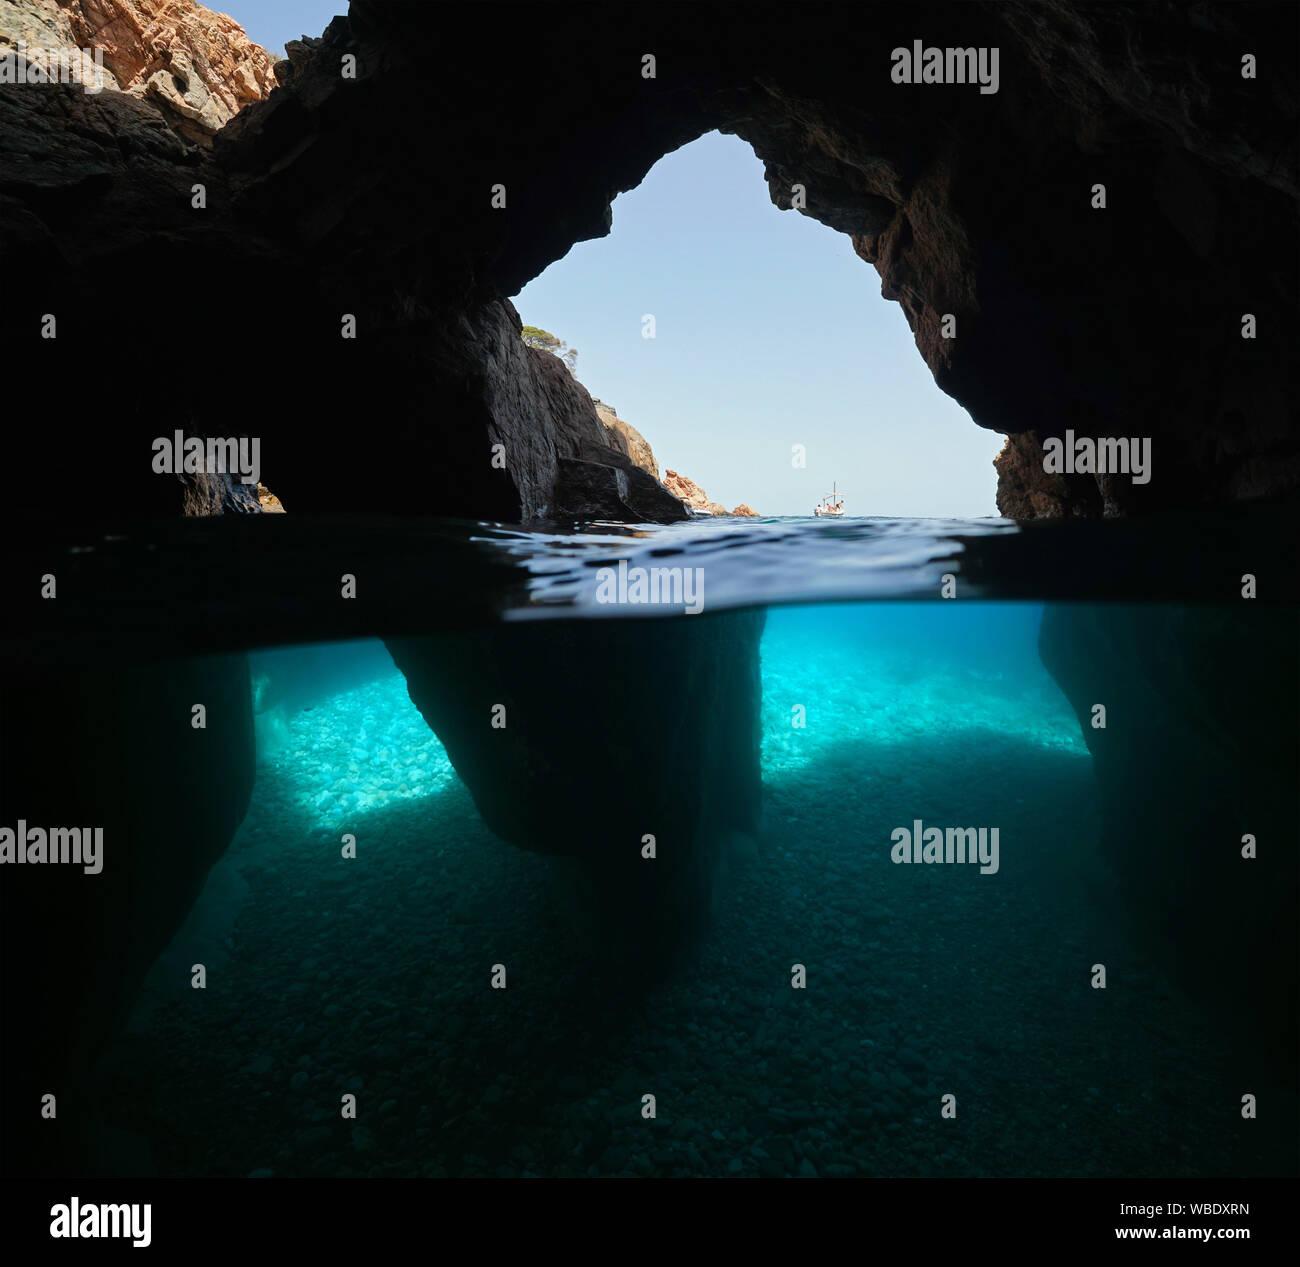 Sobre y bajo el agua dentro de una cueva con varias aberturas en la orilla del mar, España, Mediterráneo, Costa Brava, Cataluña, Calella de Palafrugell Foto de stock